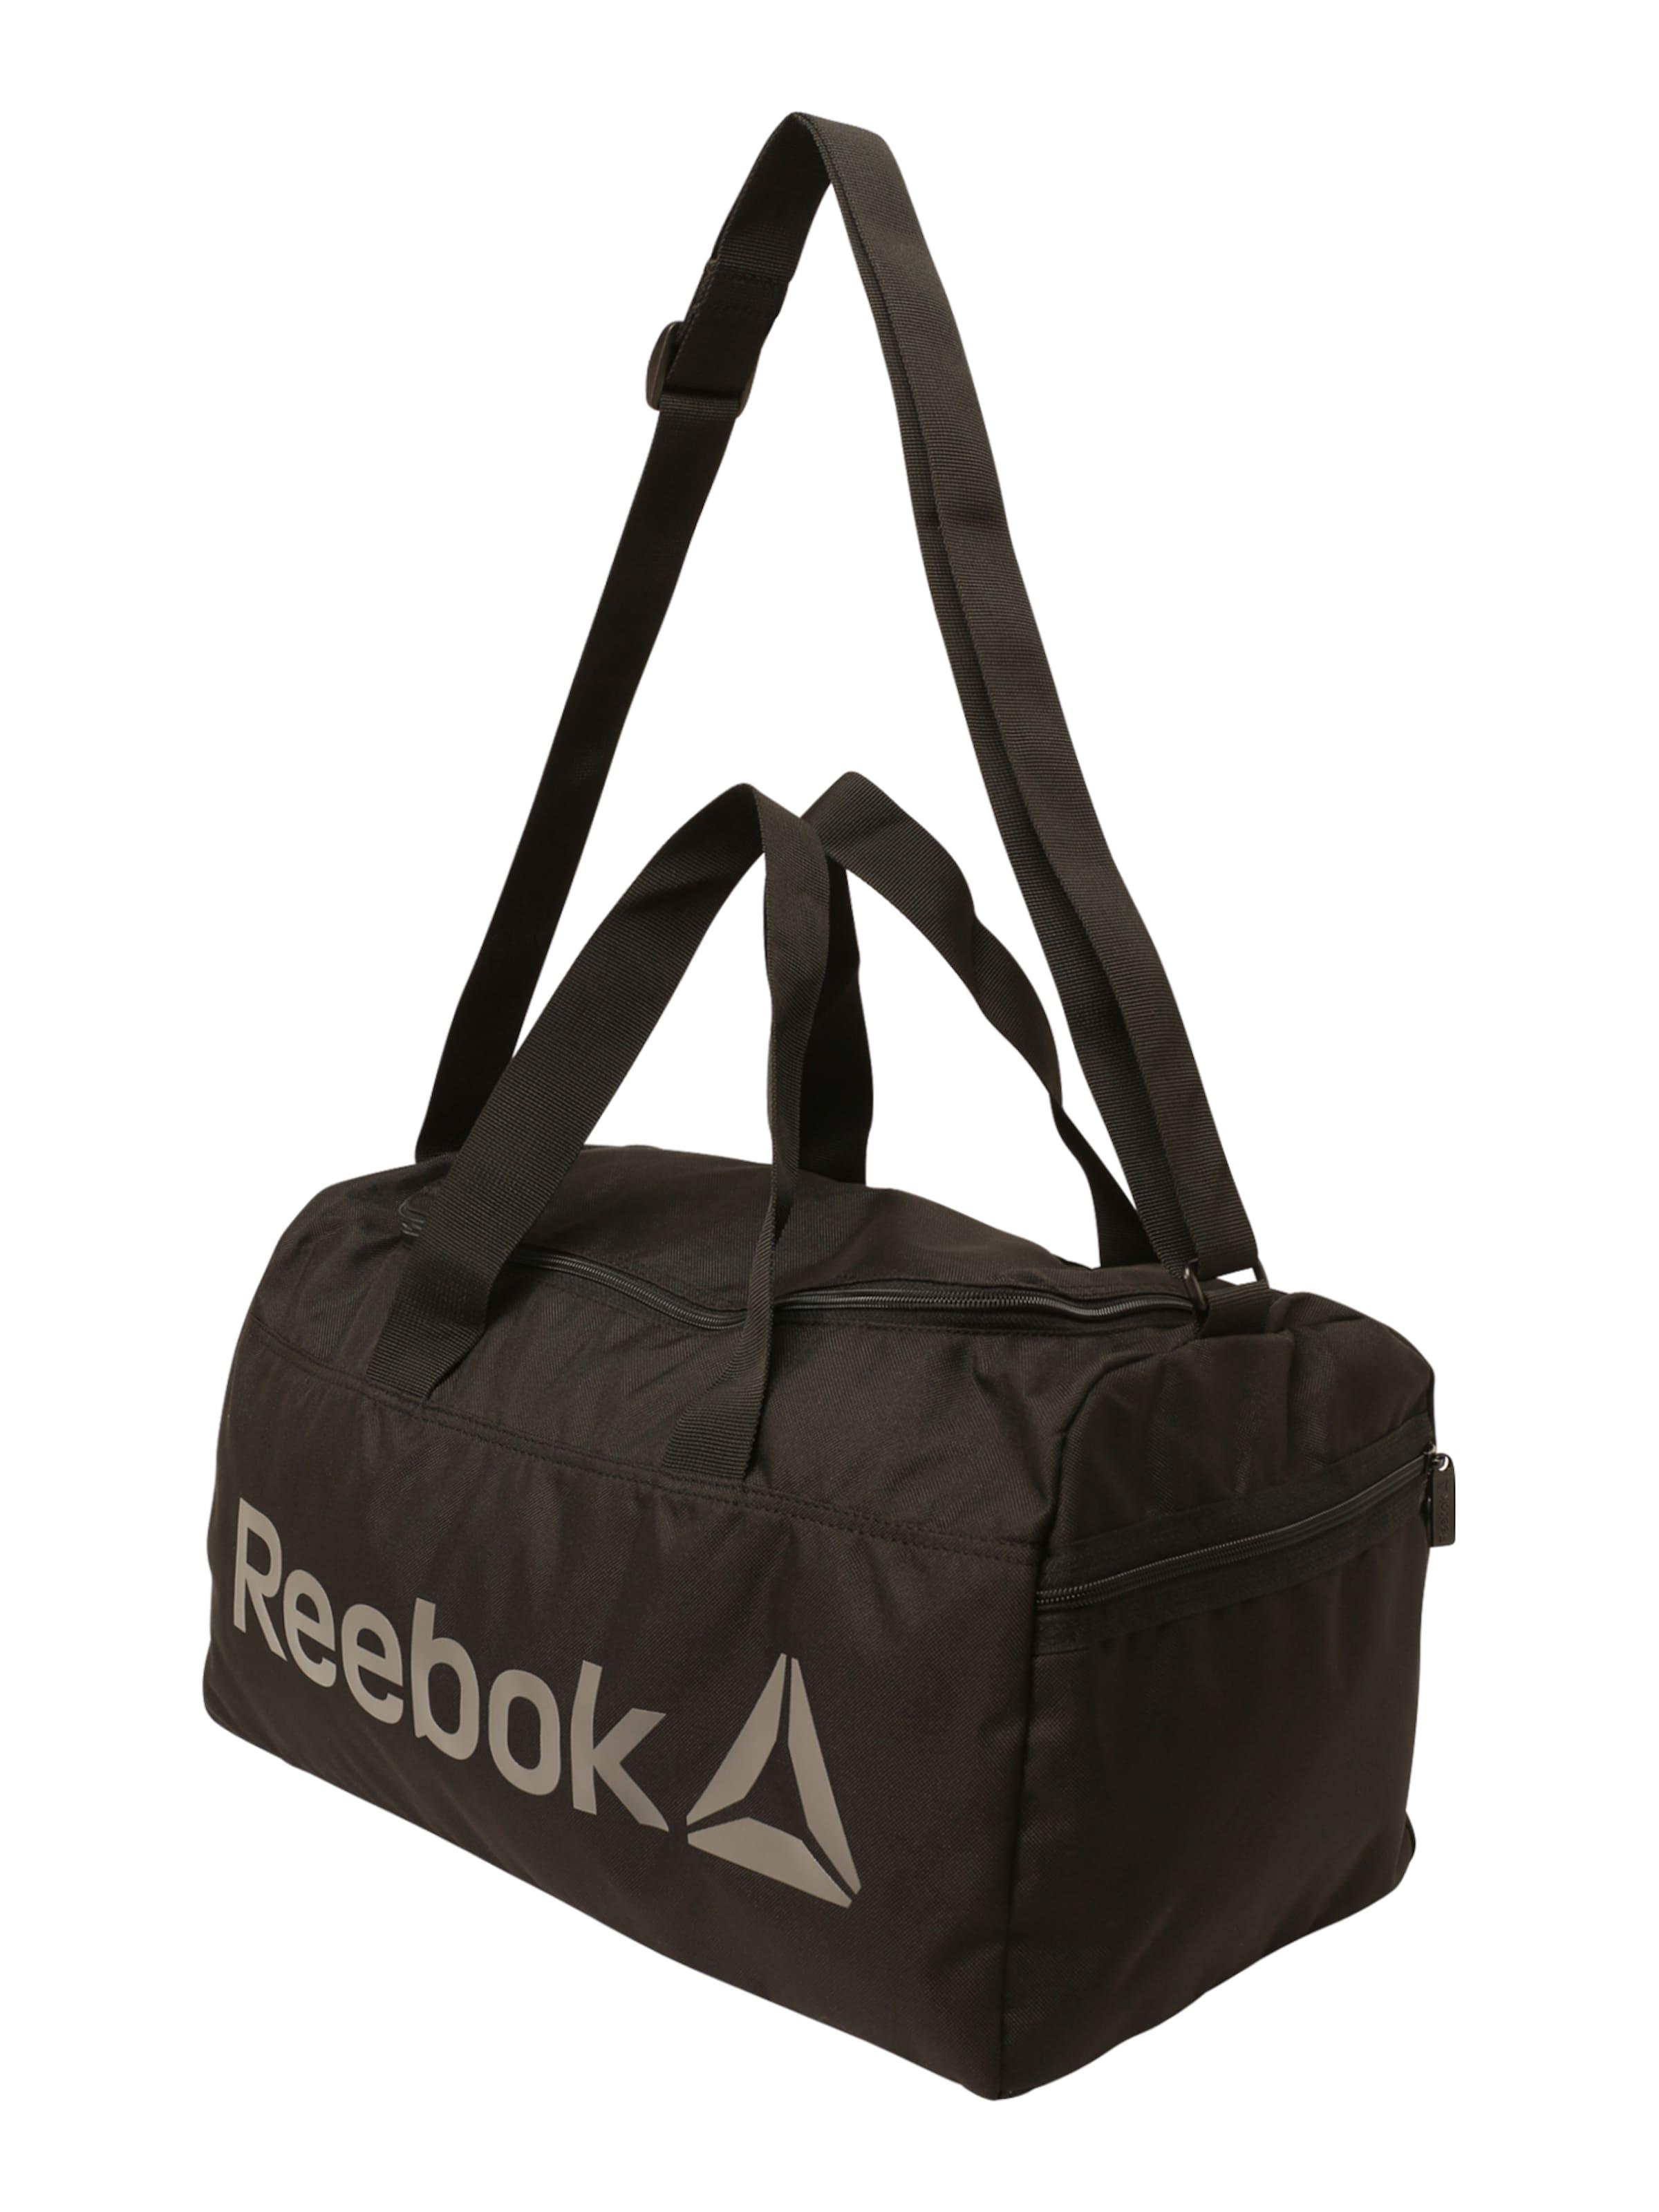 Reebok Schwarz Reebok Reebok Sporttasche In Reebok In Sporttasche In Sporttasche Schwarz In Schwarz Sporttasche QdtrshC